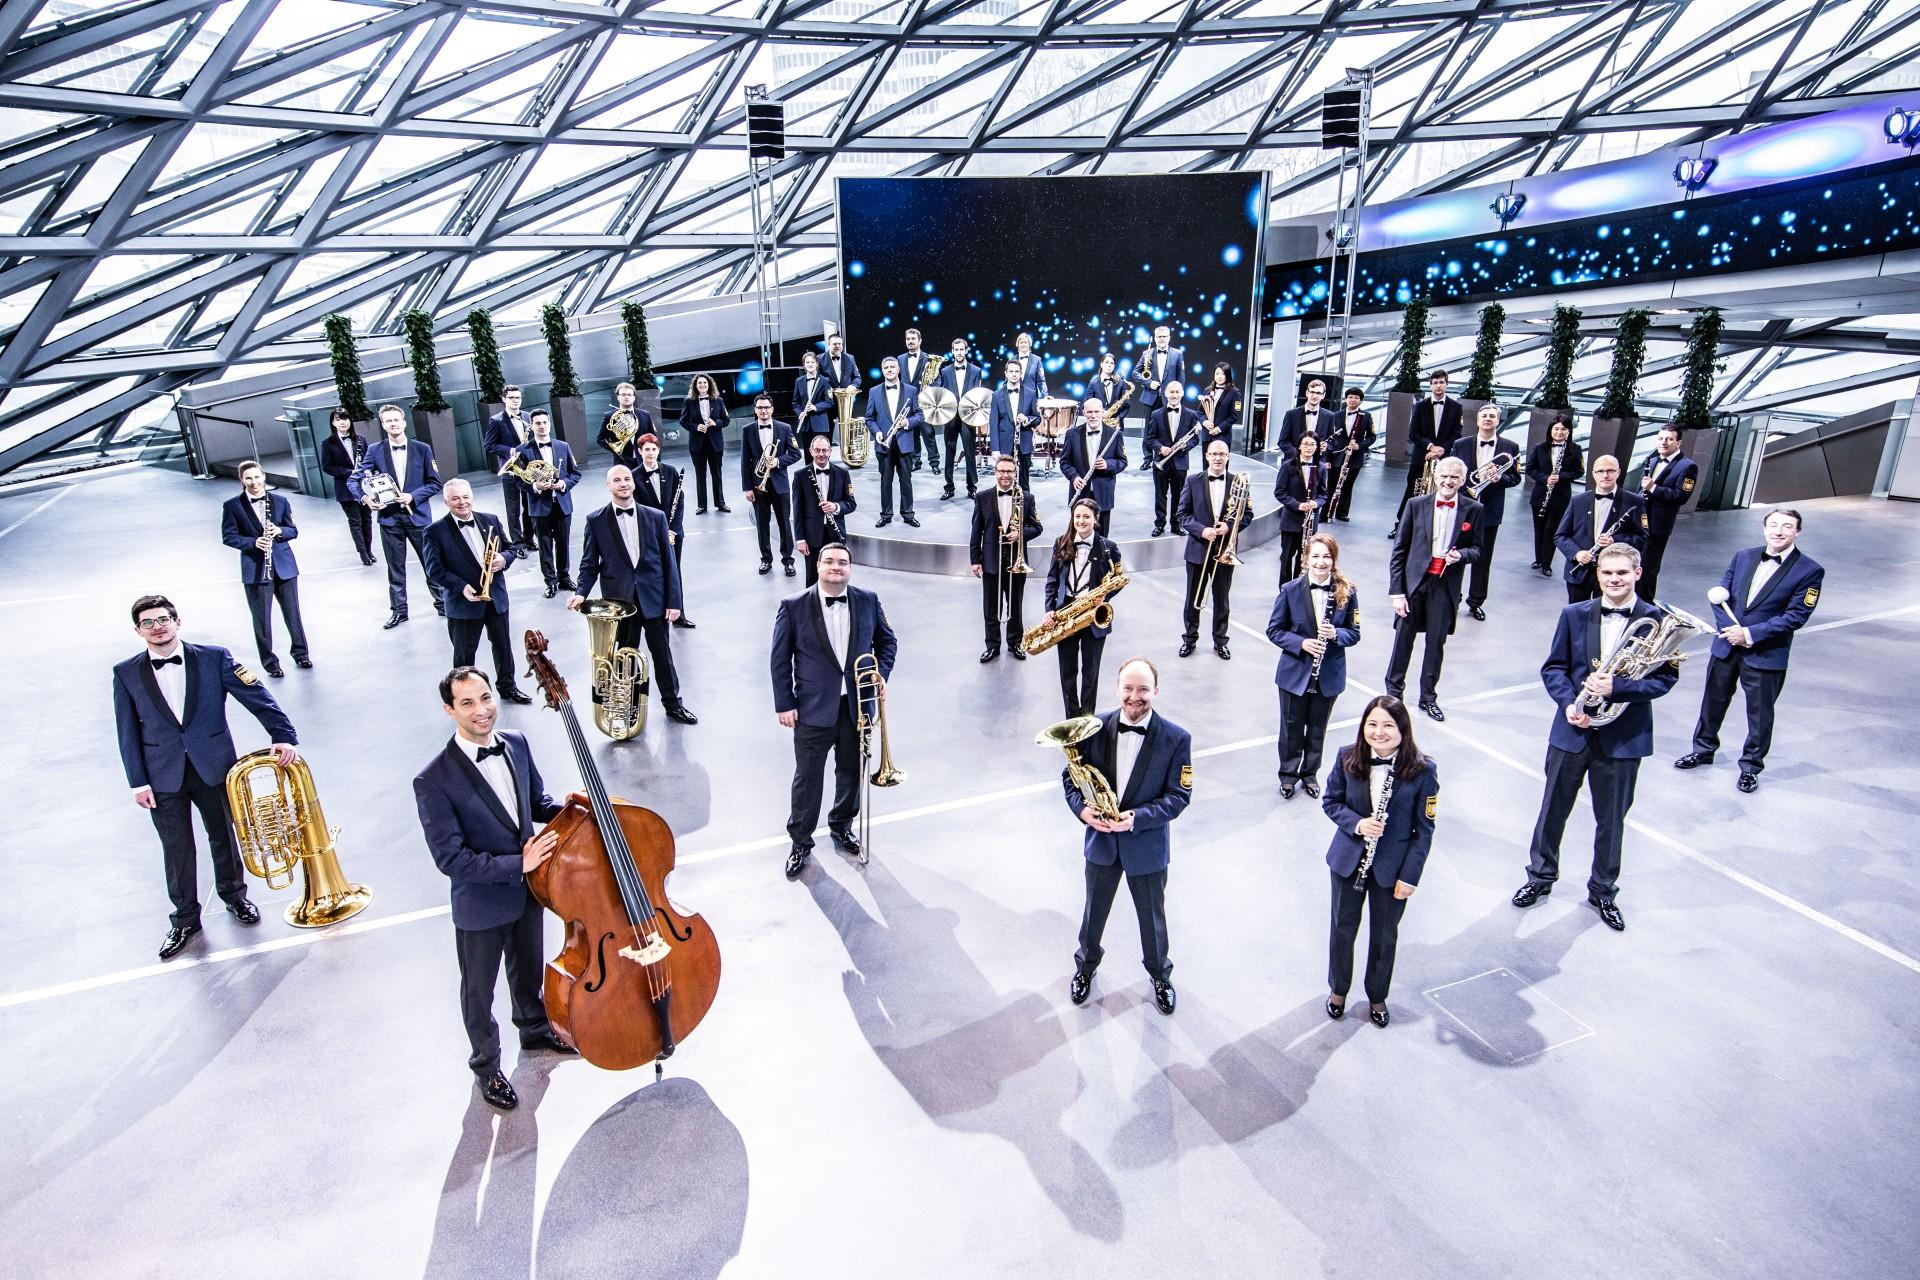 — Verschoben auf 2021– (04. Oktober 2020) – Kirchenkonzert mit dem Polizeiorchester Bayern